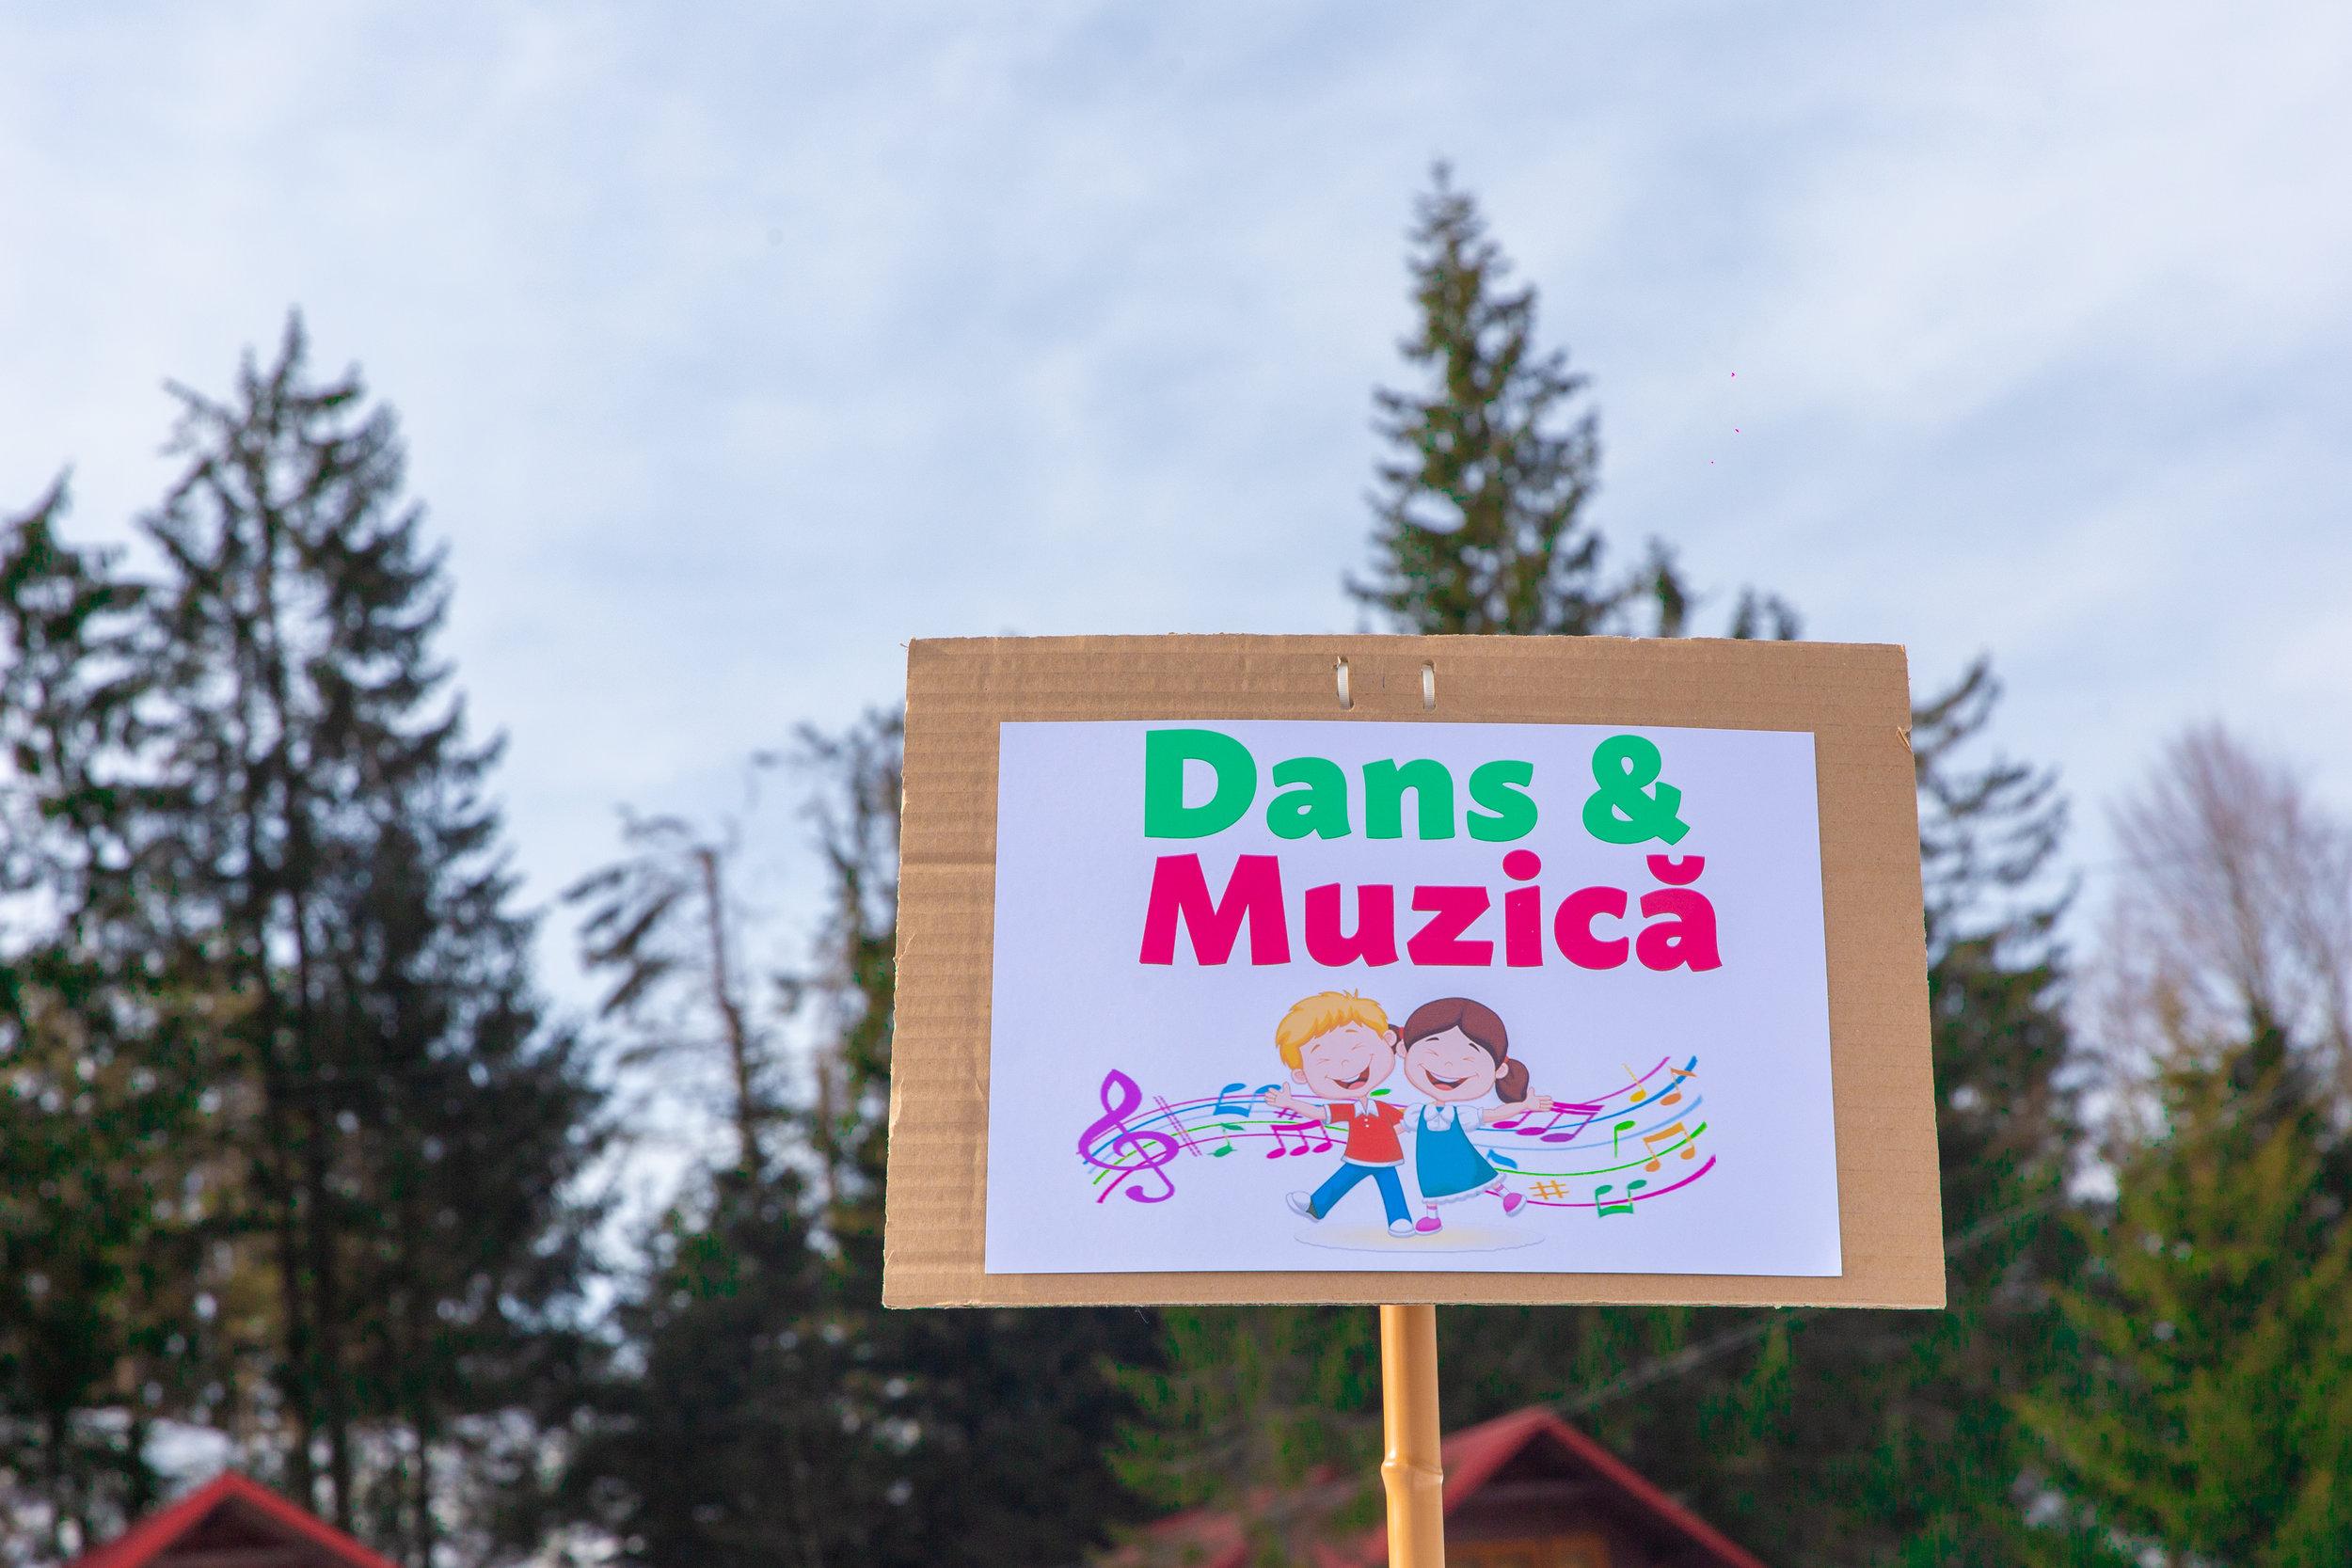 Jocurile Speciale de Iarna 2019_01_Foto Diana Sandor.jpg